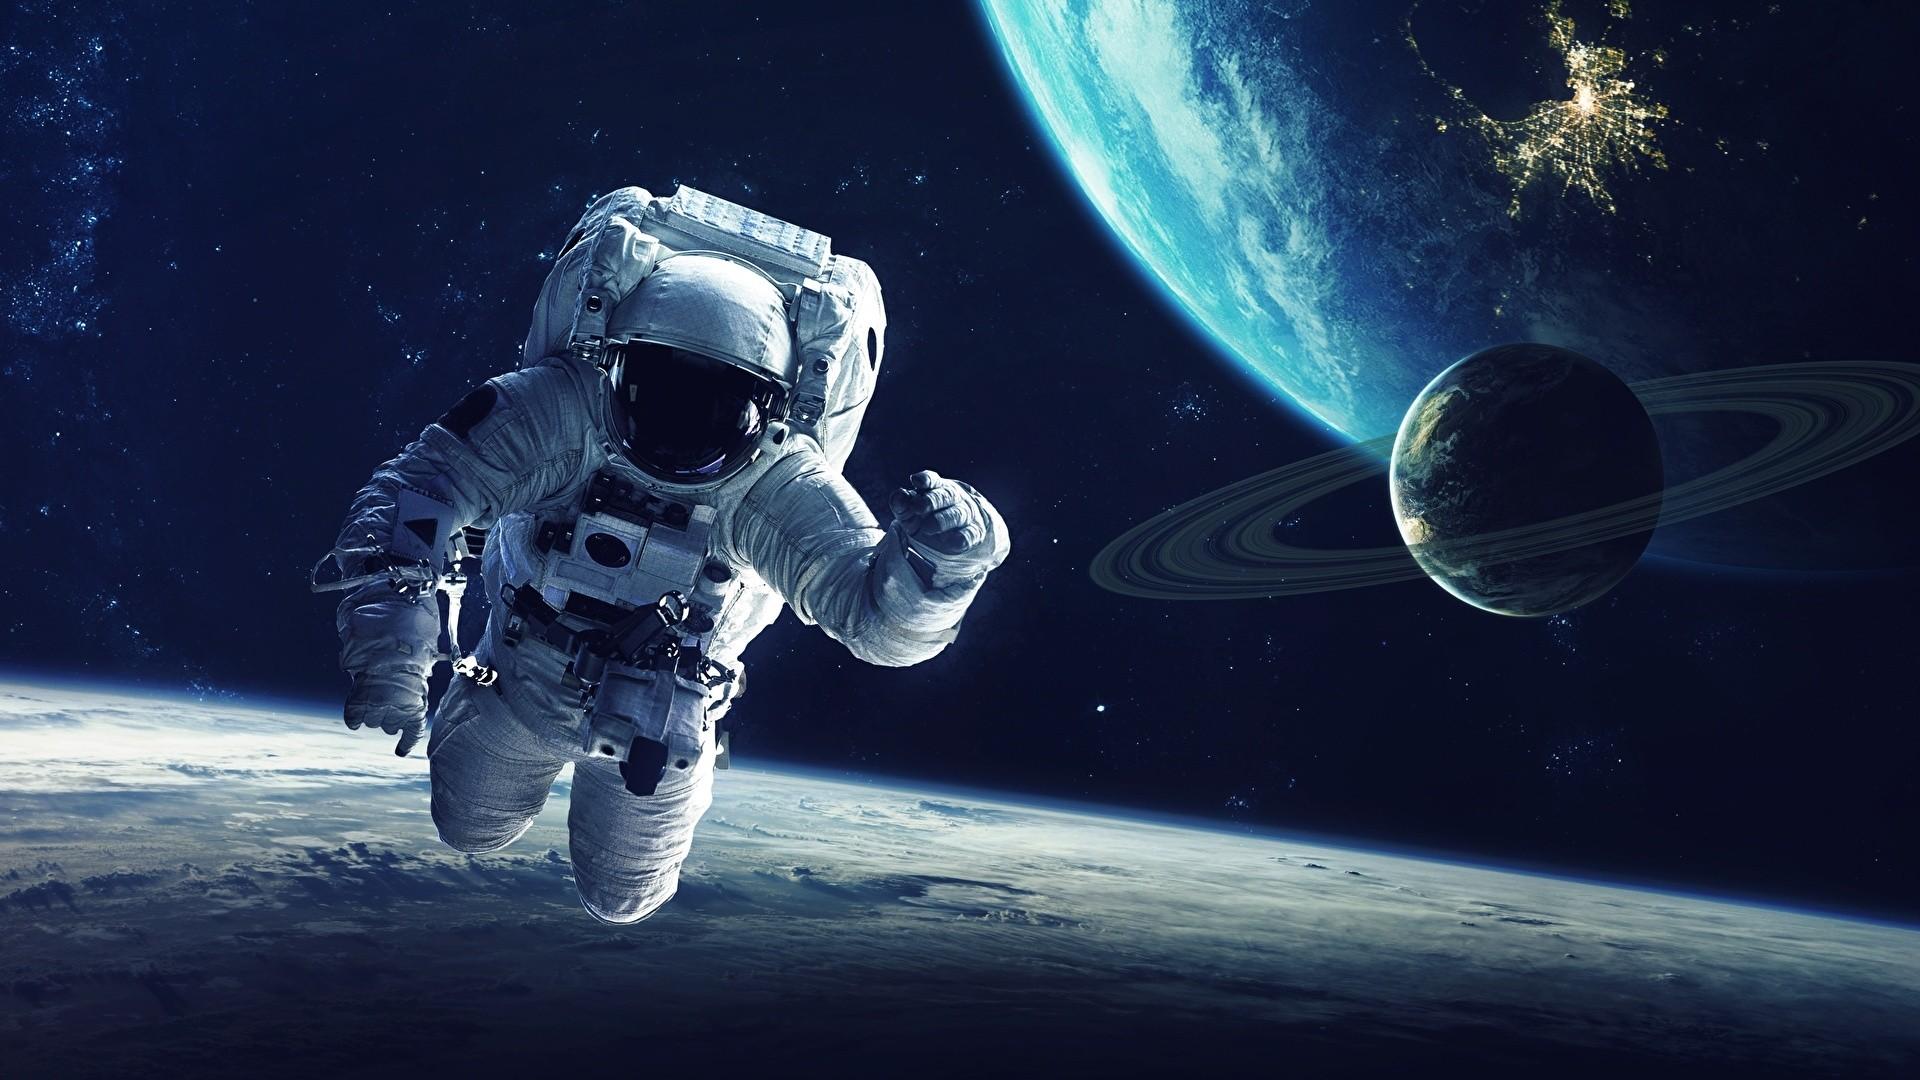 Astronaut Desktop Wallpaper